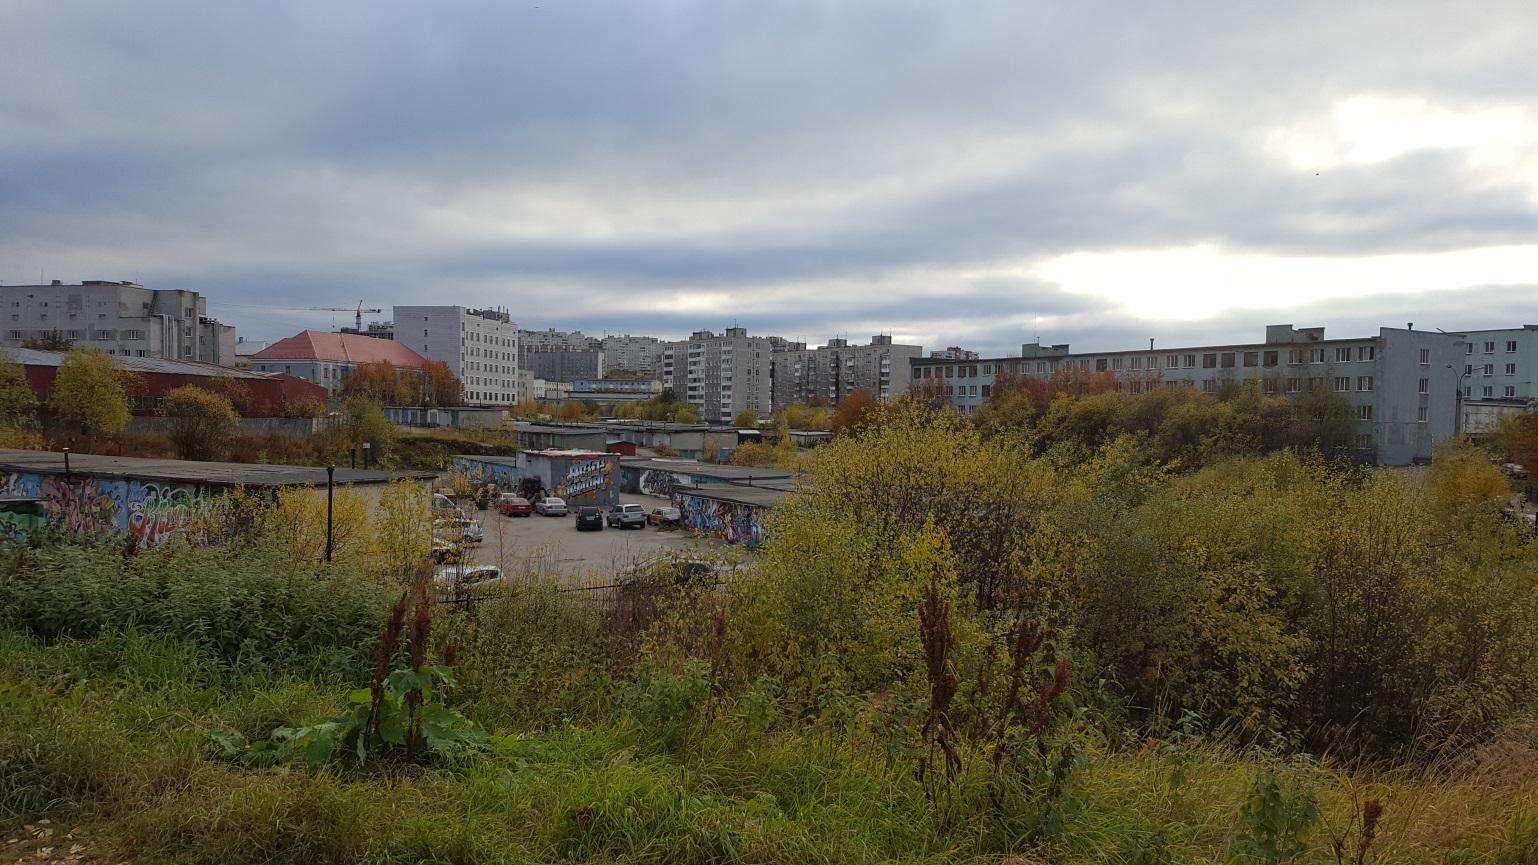 Ausblick auf der Suche nach dem Neuen Murmansker Friedhof. - Foto: Lena Seglitz-Baierl